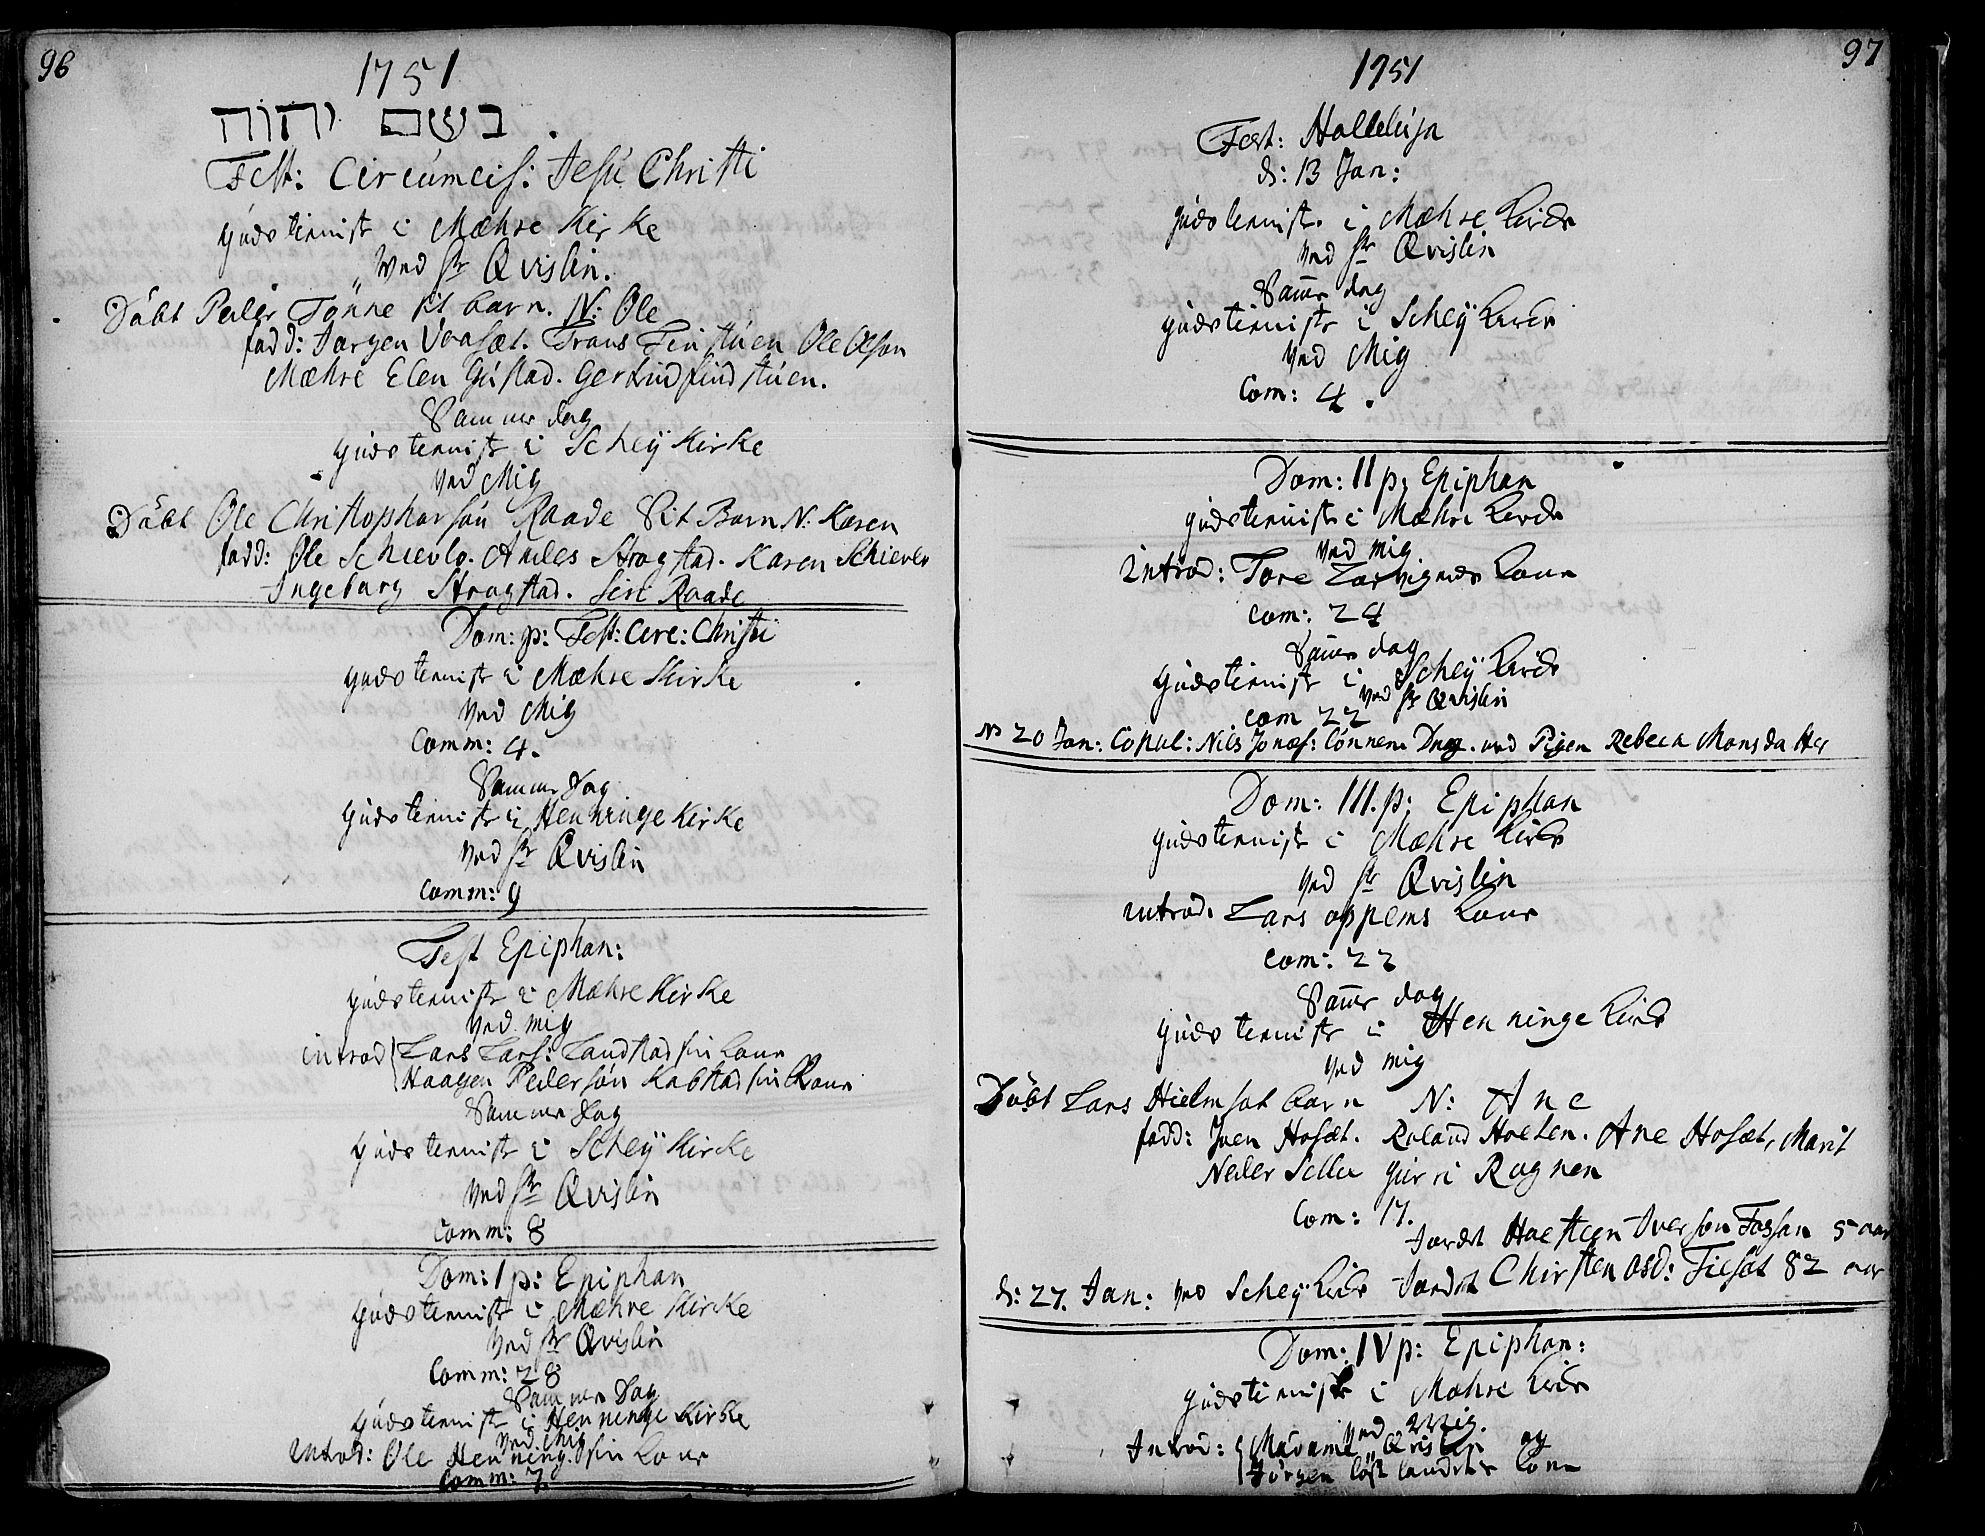 SAT, Ministerialprotokoller, klokkerbøker og fødselsregistre - Nord-Trøndelag, 735/L0330: Ministerialbok nr. 735A01, 1740-1766, s. 96-97